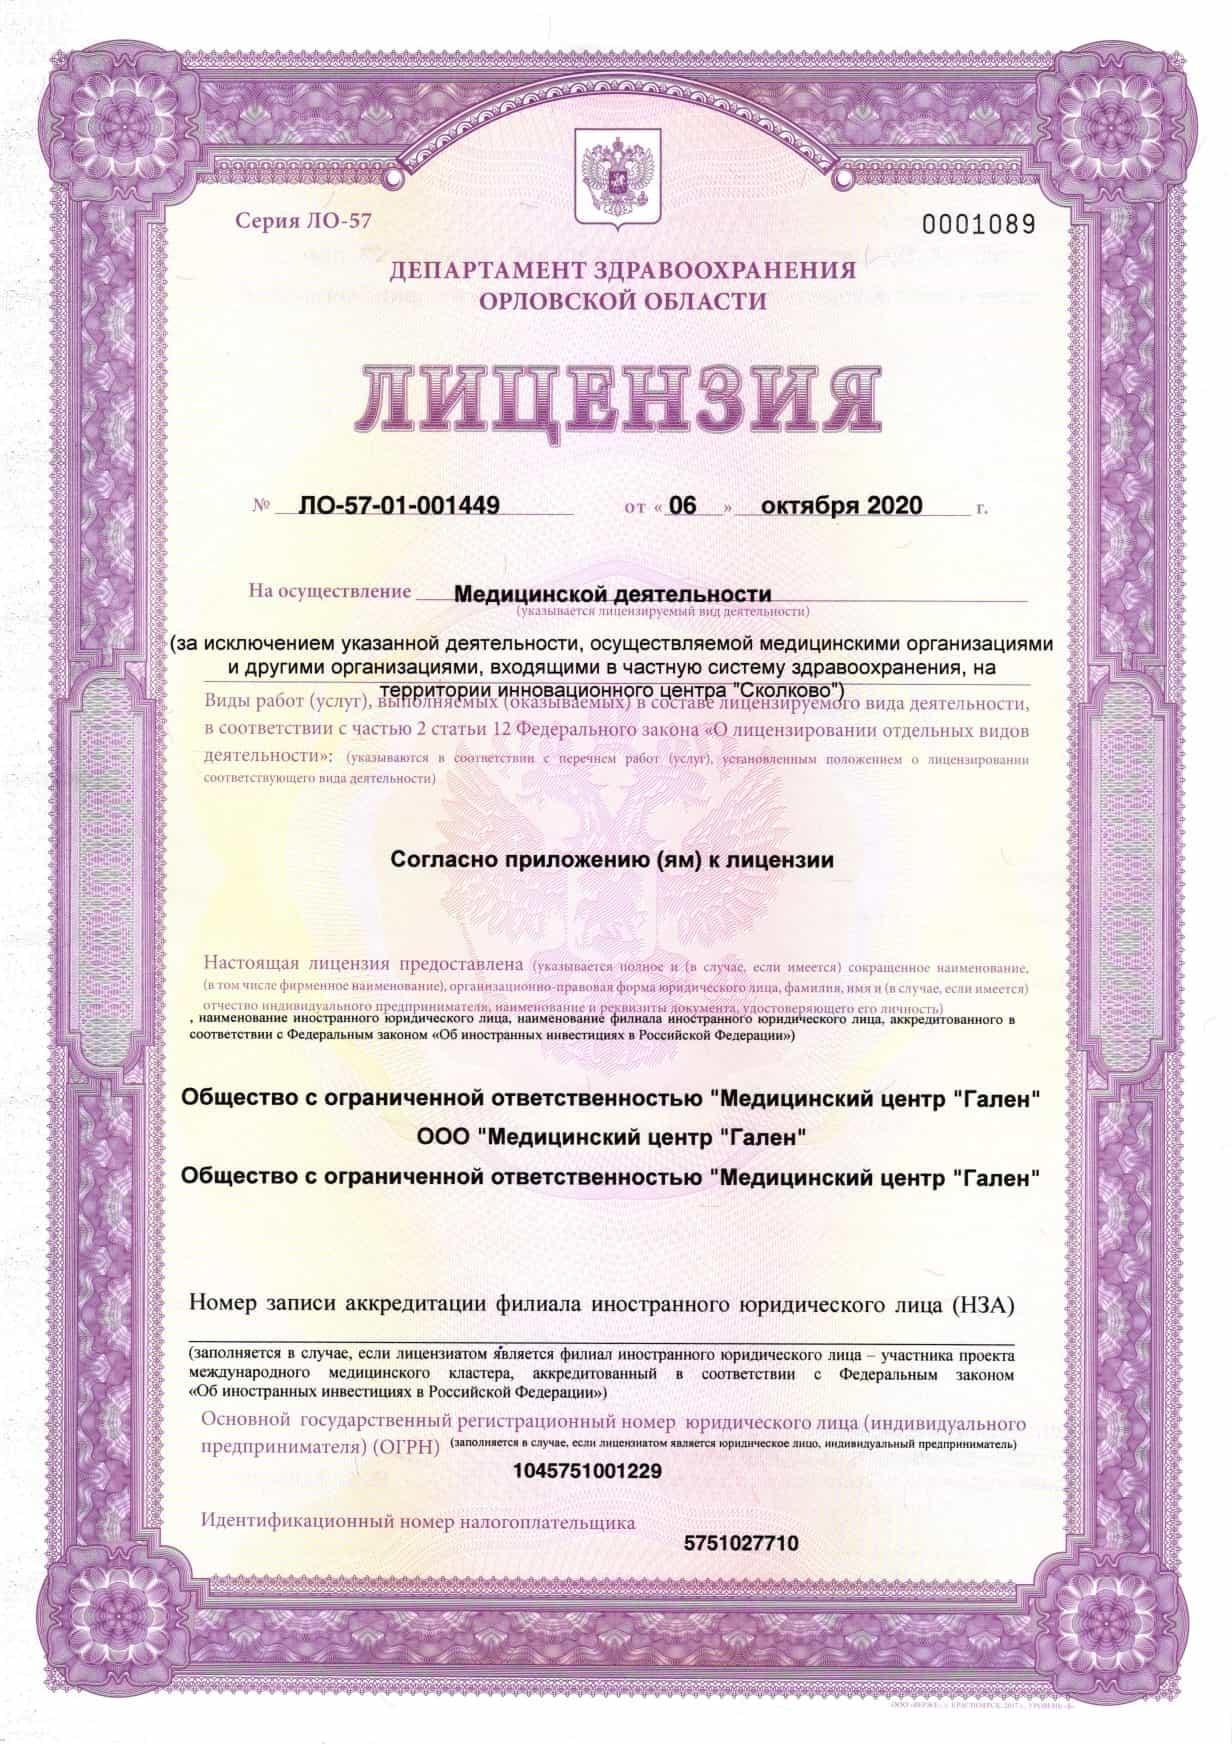 Гален Орел лицензия